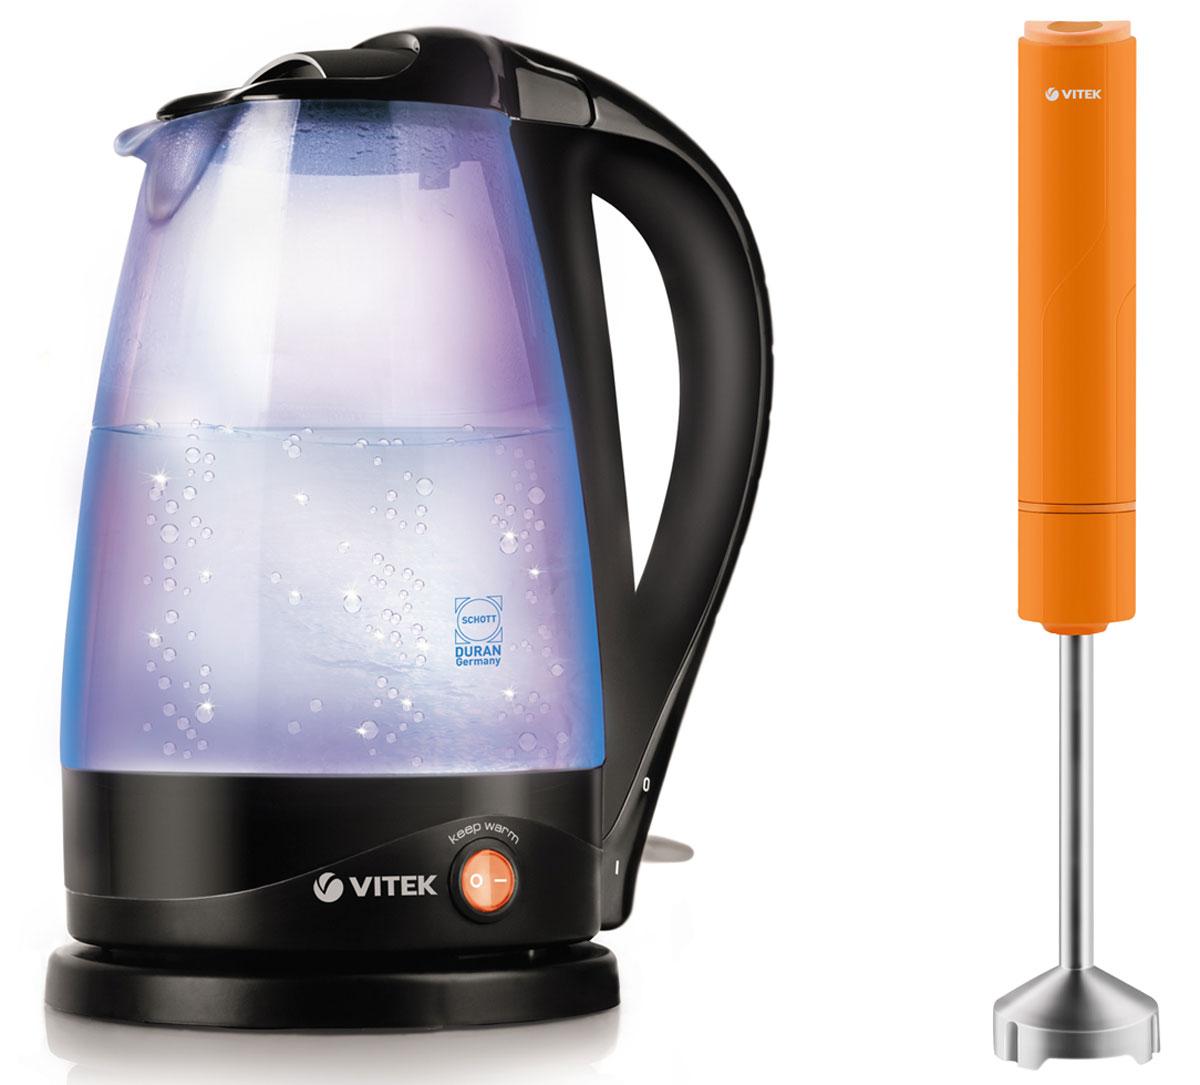 Vitek VT-1180(В) электрический чайник + VT-1472(OG) блендерVT-1180(В)+VT-1472(OG)Инновационный чайник Vitek VT-1180(В) оснащен запатентованным, единственным в мире нагревательным элементом с керамическим покрытием немецкой фирмы Weilburger, гарантирующим бесшумное закипание воды. Эта уникальная технология кардинально отличает данную модель от электрочайников со стальным нагревательным элементом. Кроме того, керамическое покрытие обладает антипригарными свойствами, что позволит сократить количество накипи, также влияющей на появление шума при закипании воды. Уход за чайником с данным нагревательным элементом намного проще, а керамика, являясь одним из самых экологически чистых материалов, сохранит полезные свойства воды. Корпус чайника выполнен из высококачественного термостойкого цветного стекла Schott Duran голубого цвета – устойчивого к перепадам температуры и ударопрочного (в 3 раза прочнее обычного стекла). Многоуровневая внутренняя подсветка резервуара Colour Fusion создаст неповторимую атмосферу, меняя оттенки, как в...